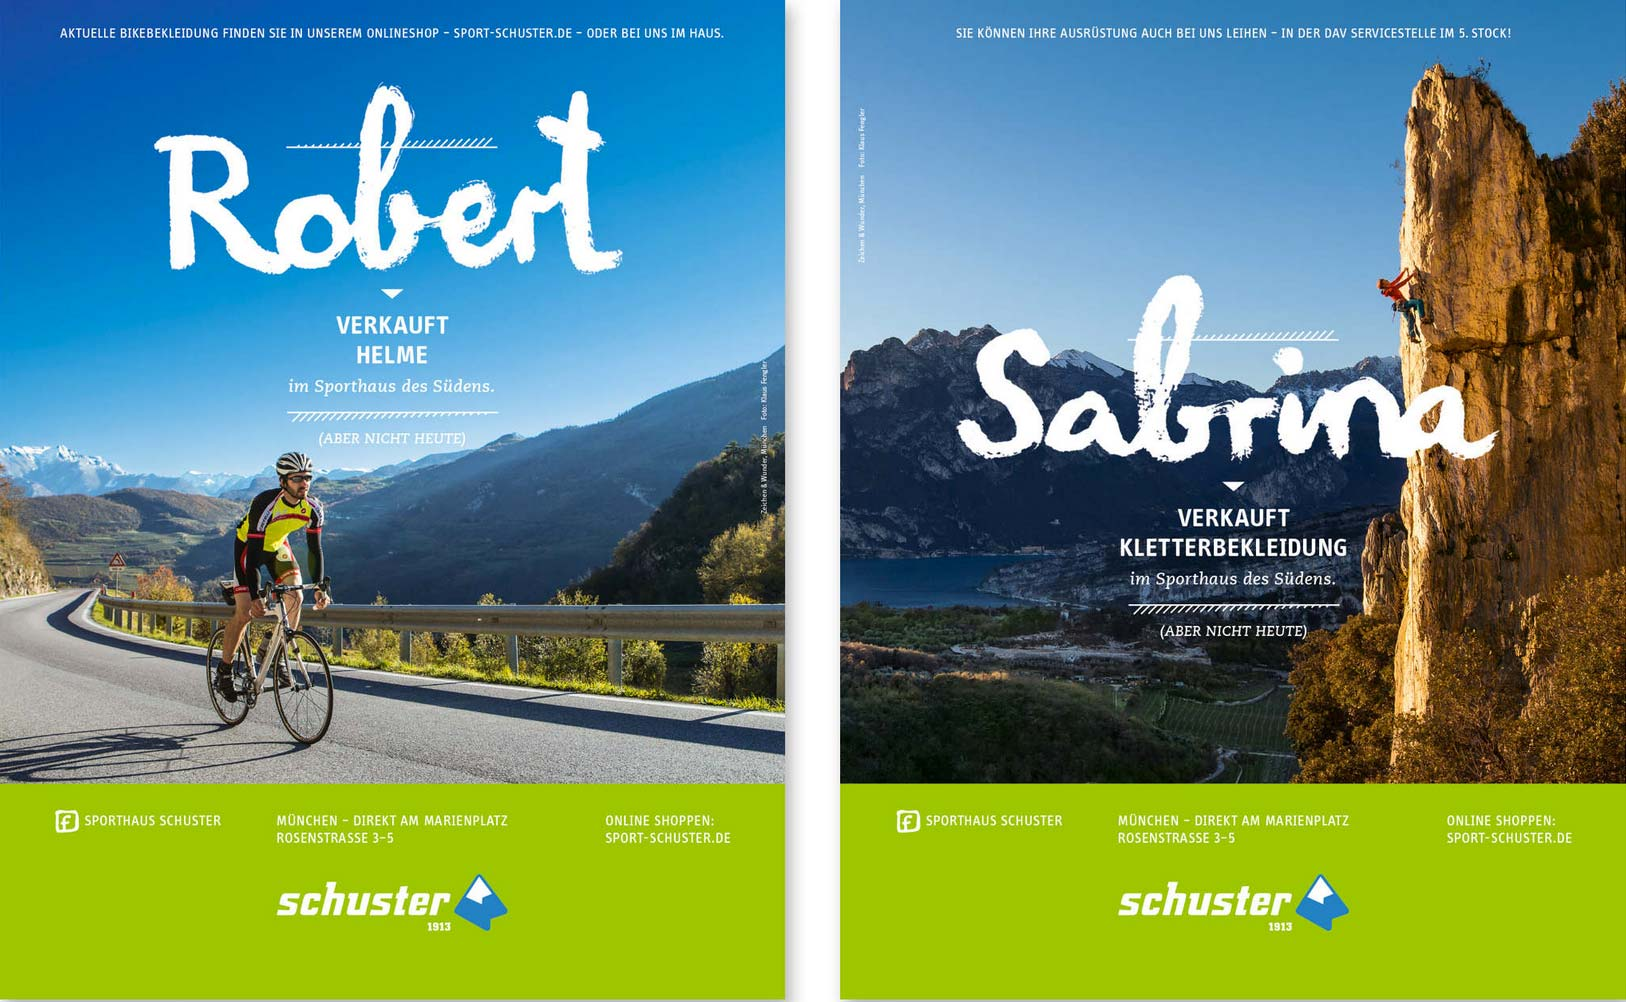 Die Kampagne von Sport Schuster stellt ihre sportlichen Mitarbeiter in den Mittelpunkt und vermittelt damit glaubwürdigkeit. Quelle: Agentur Zeichen und Wunder, München